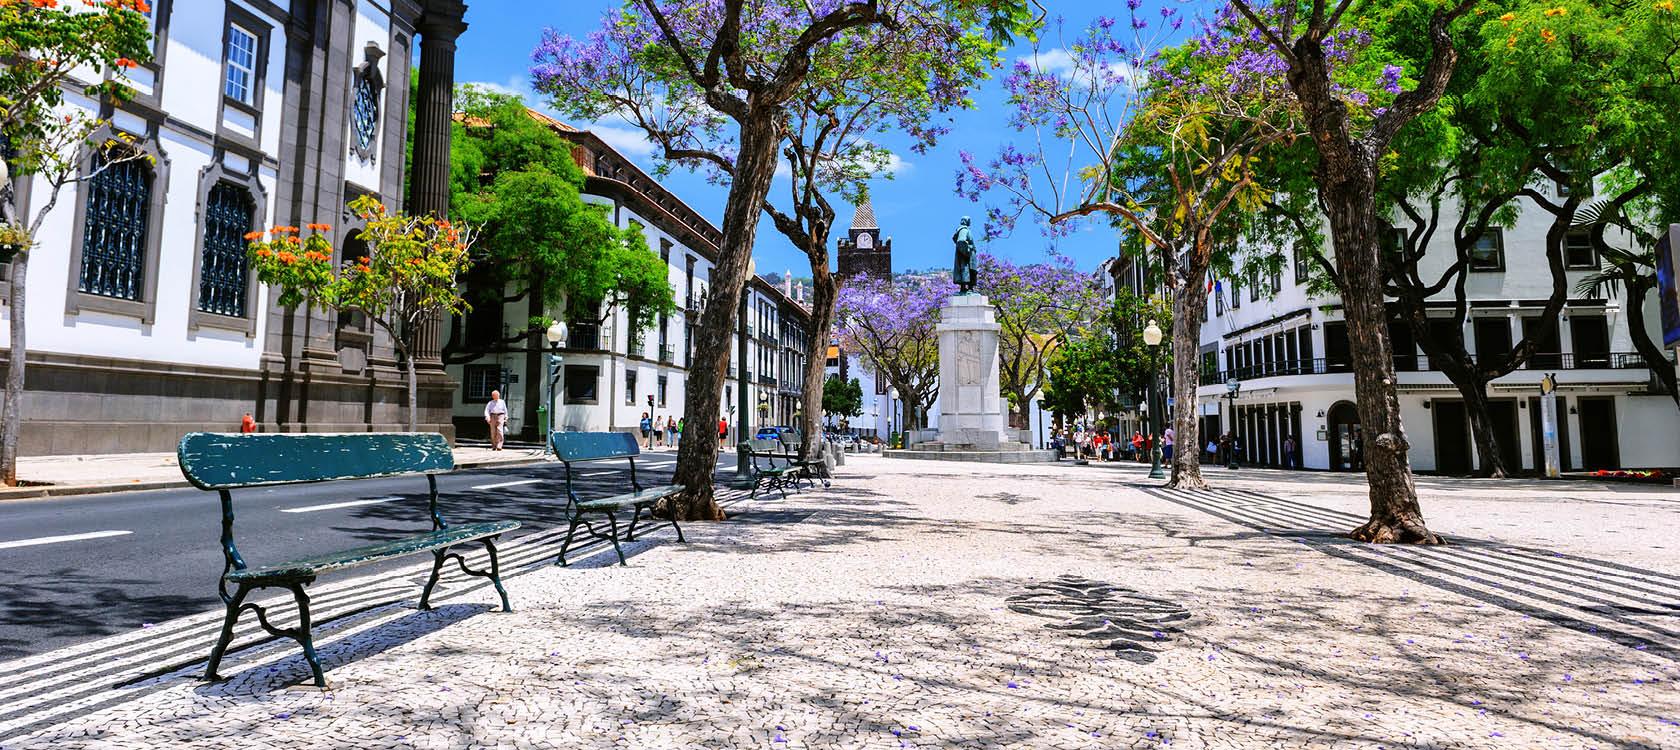 Se bymidten i Funchal på Madeira, Portugal